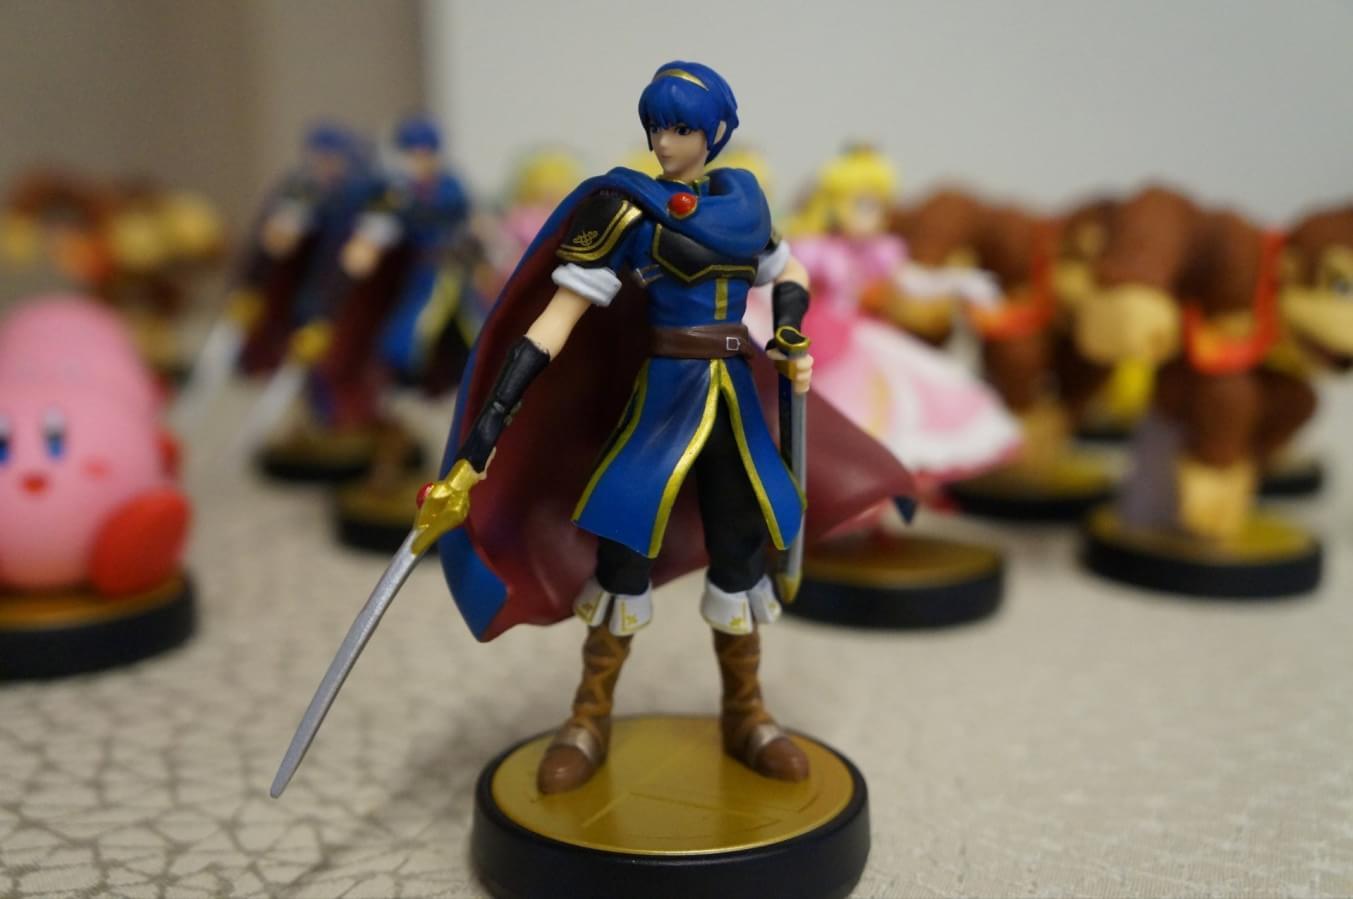 Amiibos: confira a versão final vs a versão anunciada